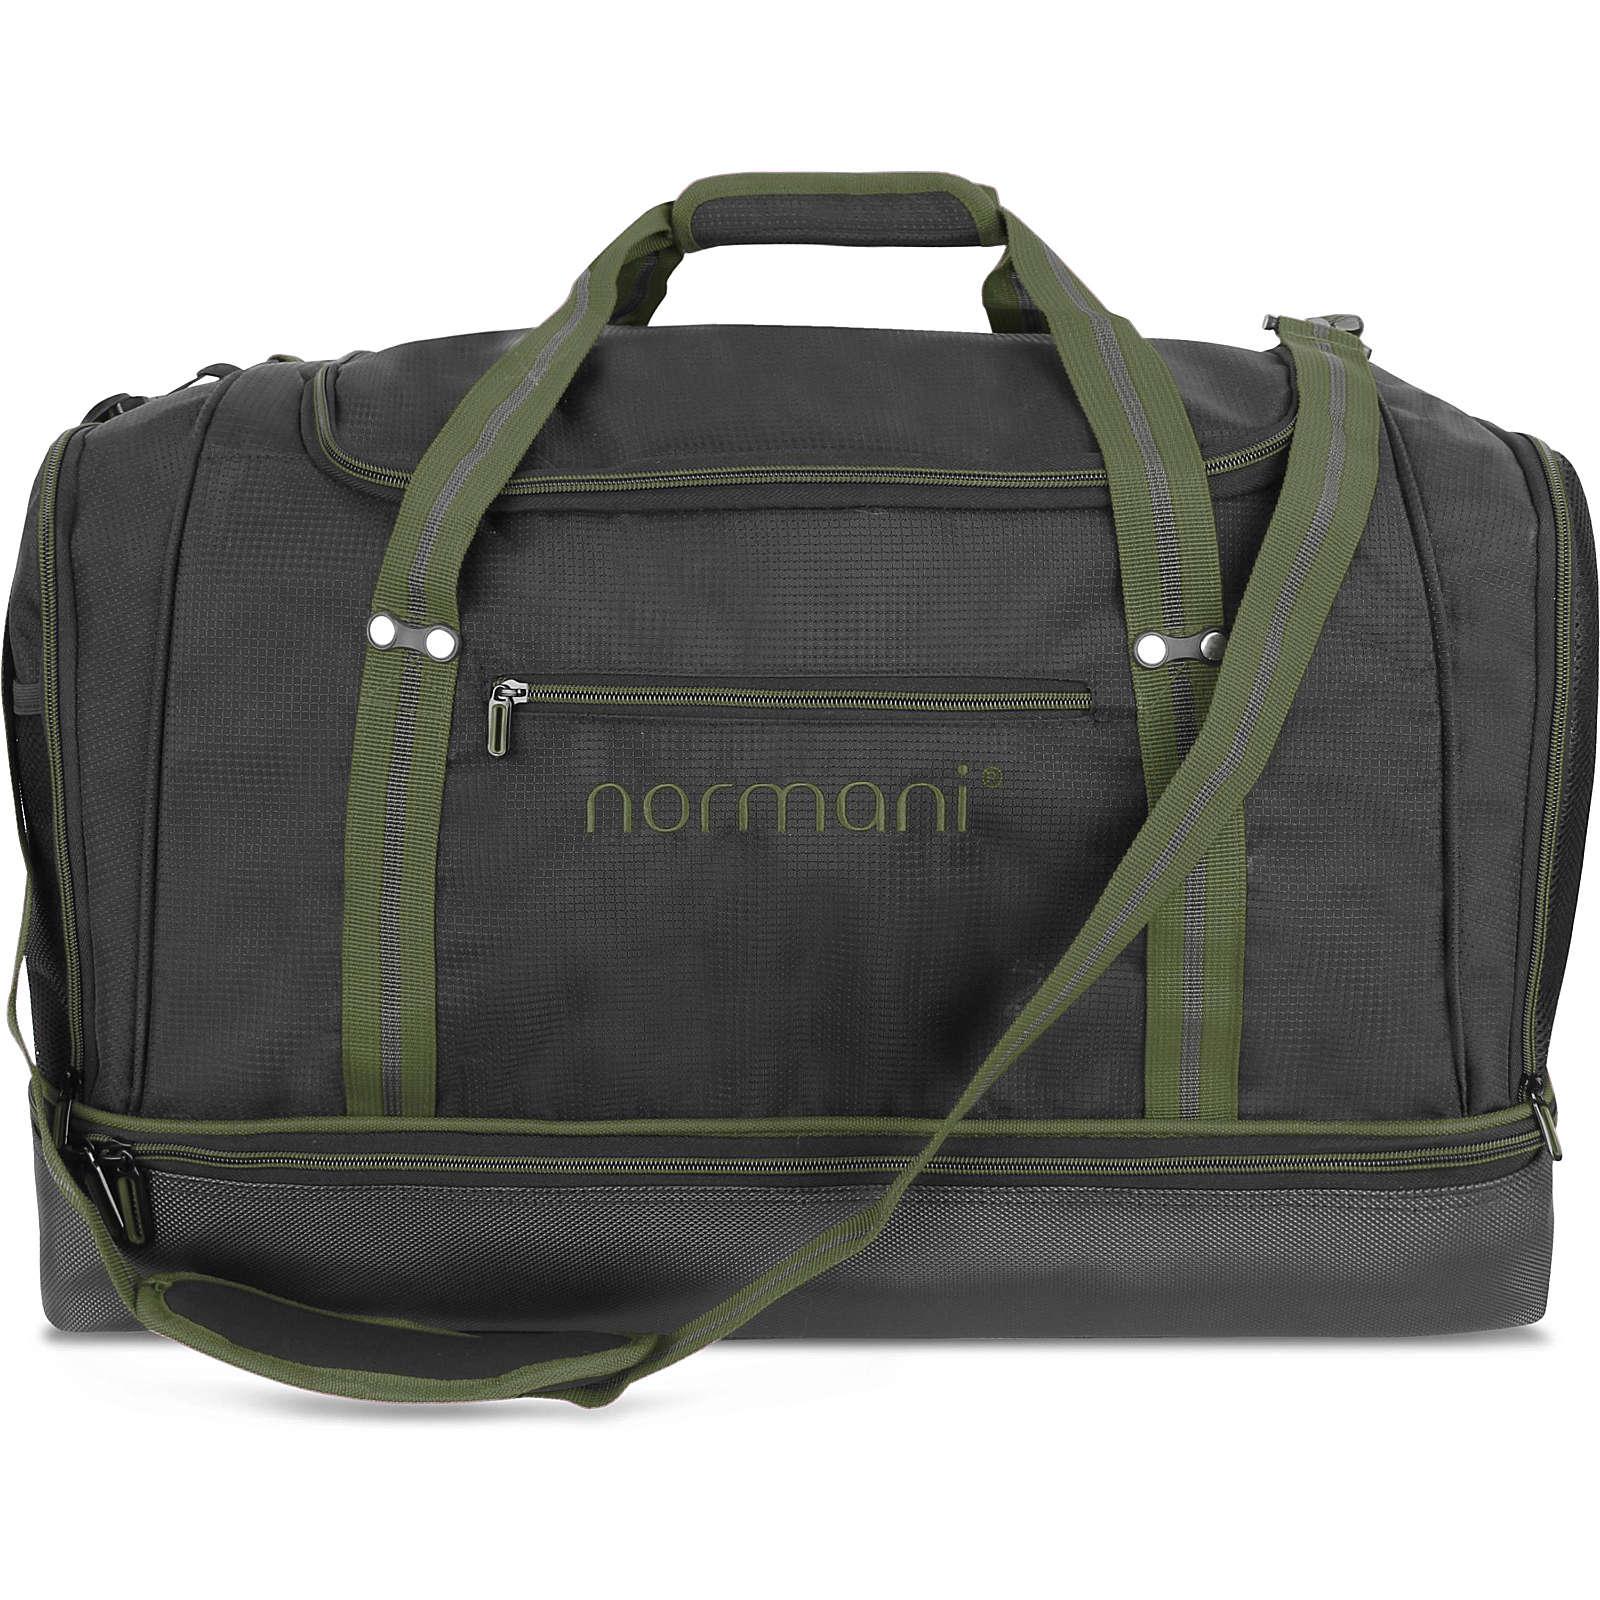 normani® Sporttasche 90 l Nordpass Reisetaschen oliv